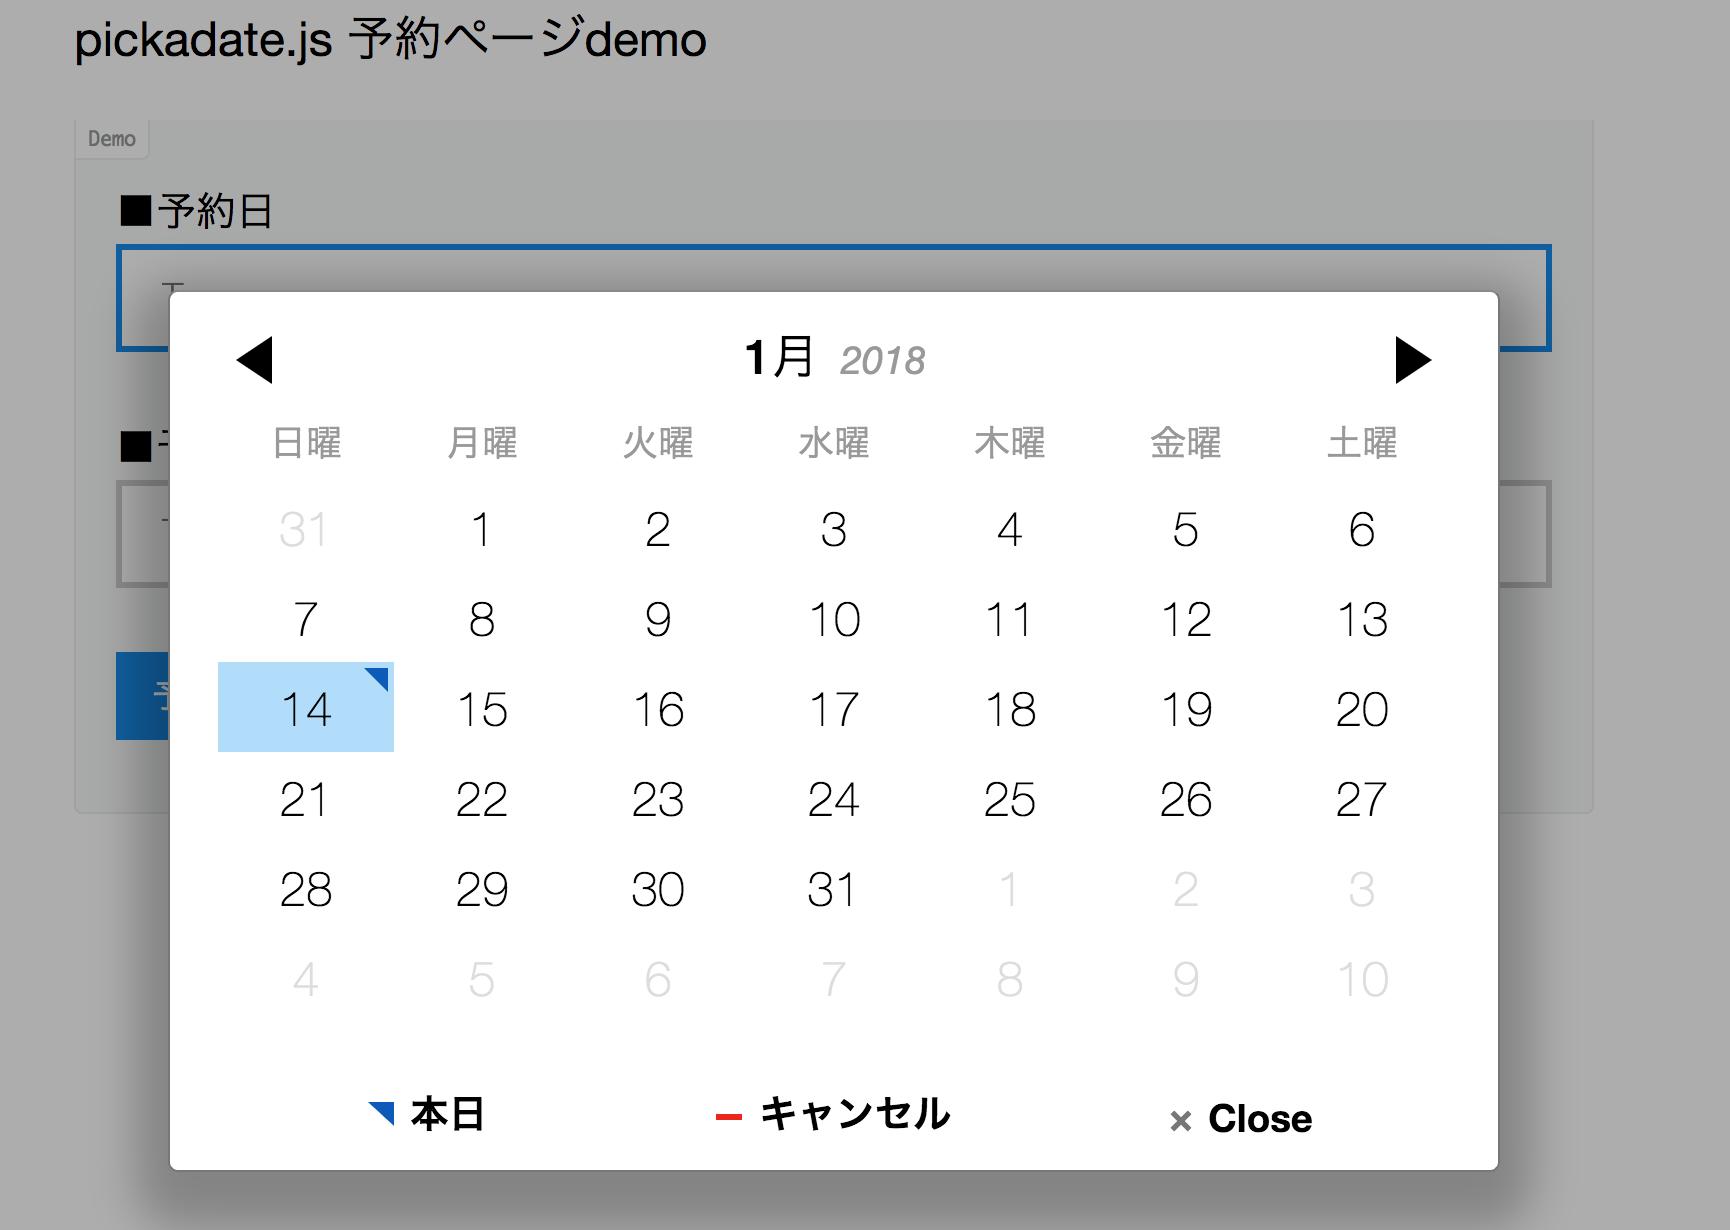 スクリーンショット 2018-01-14 11.42.22.png